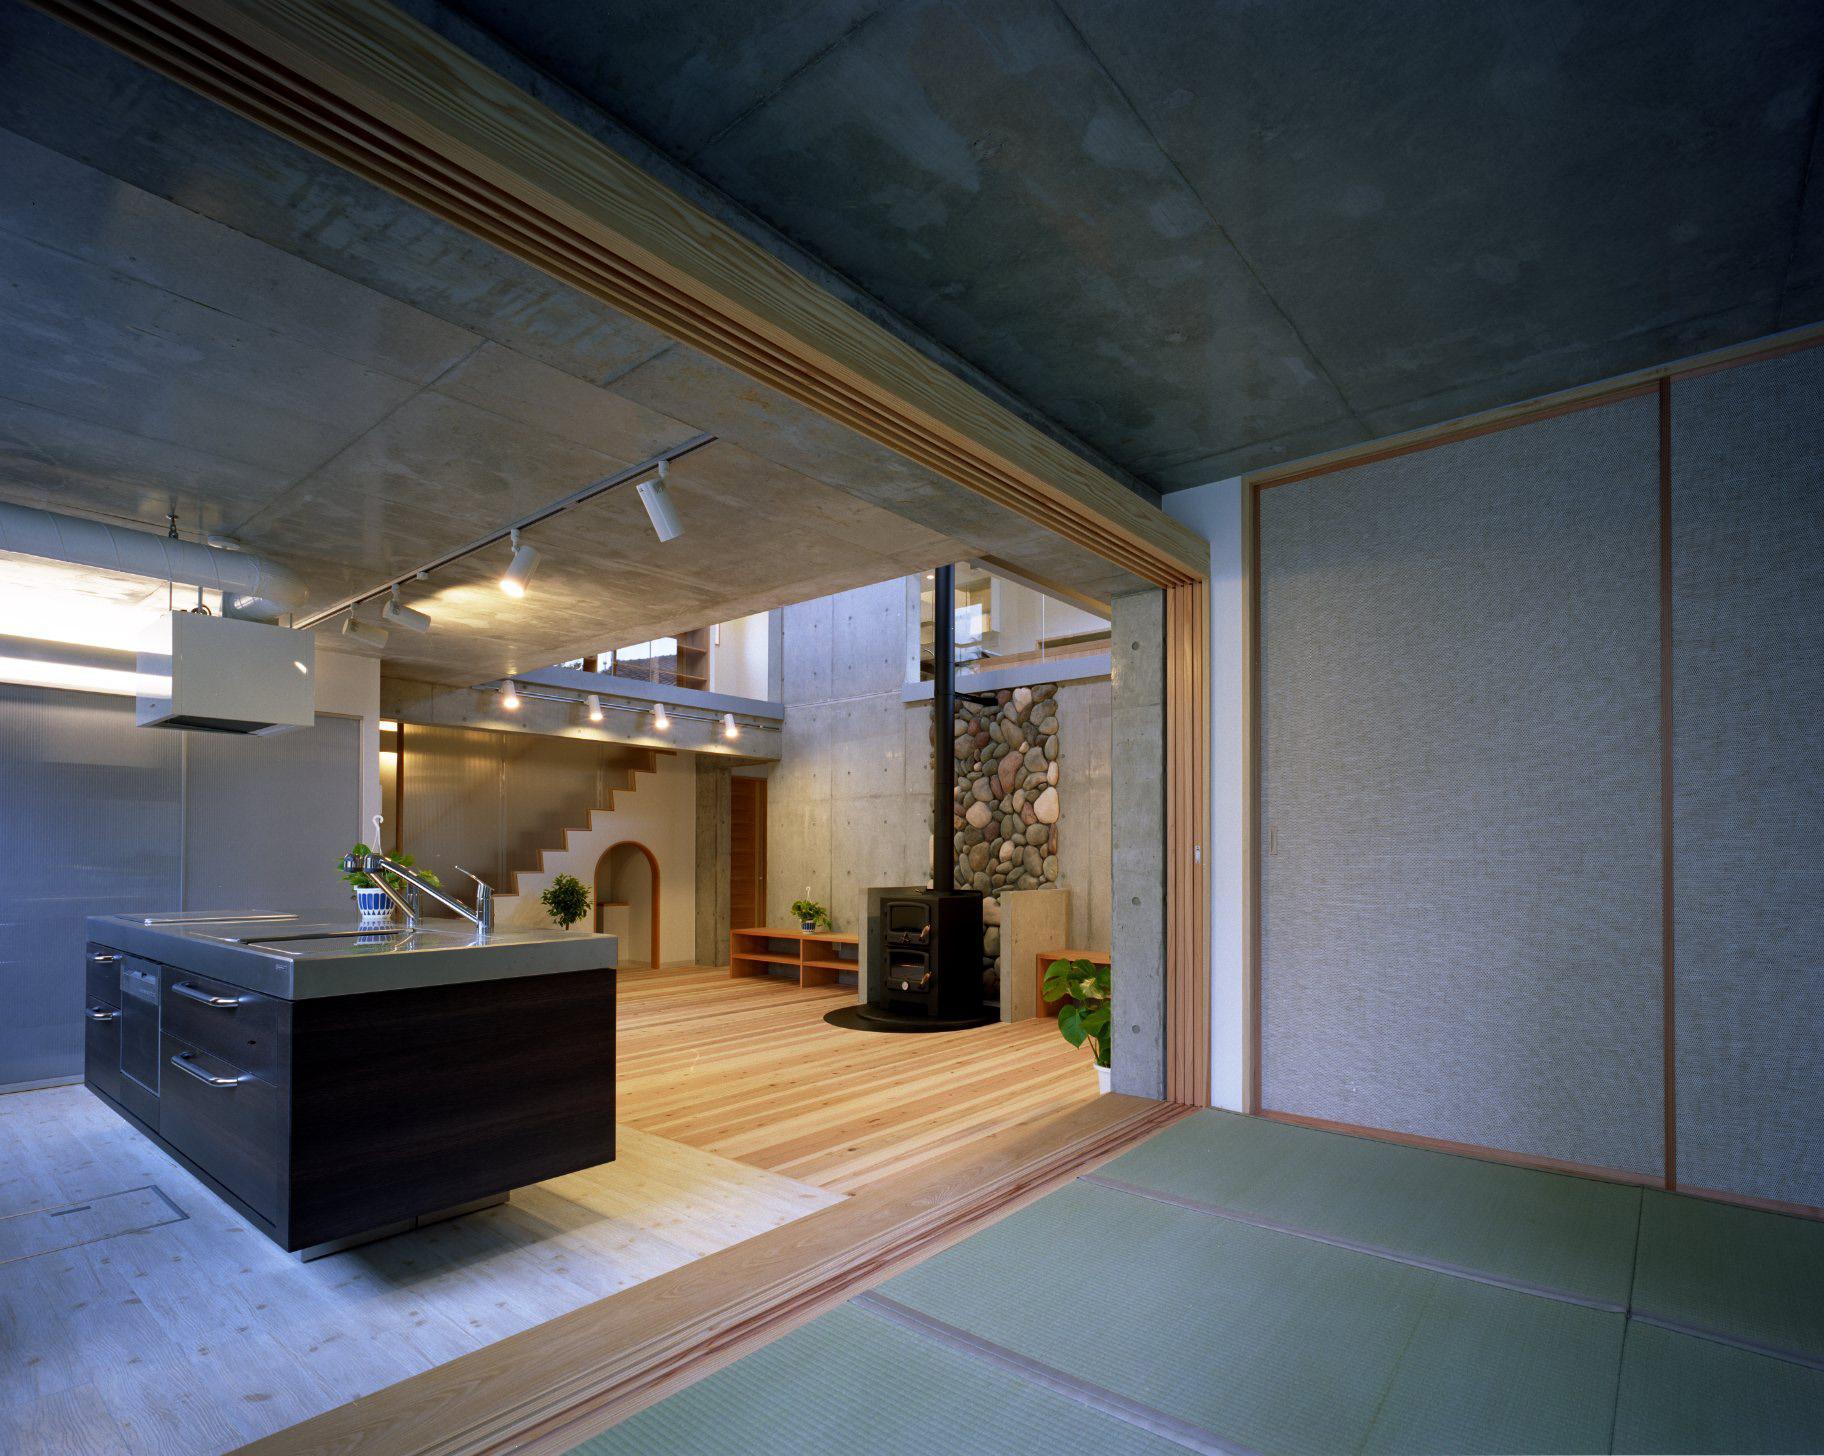 東京都世田谷区 M邸の写真 工夫が広がるキッチン周り